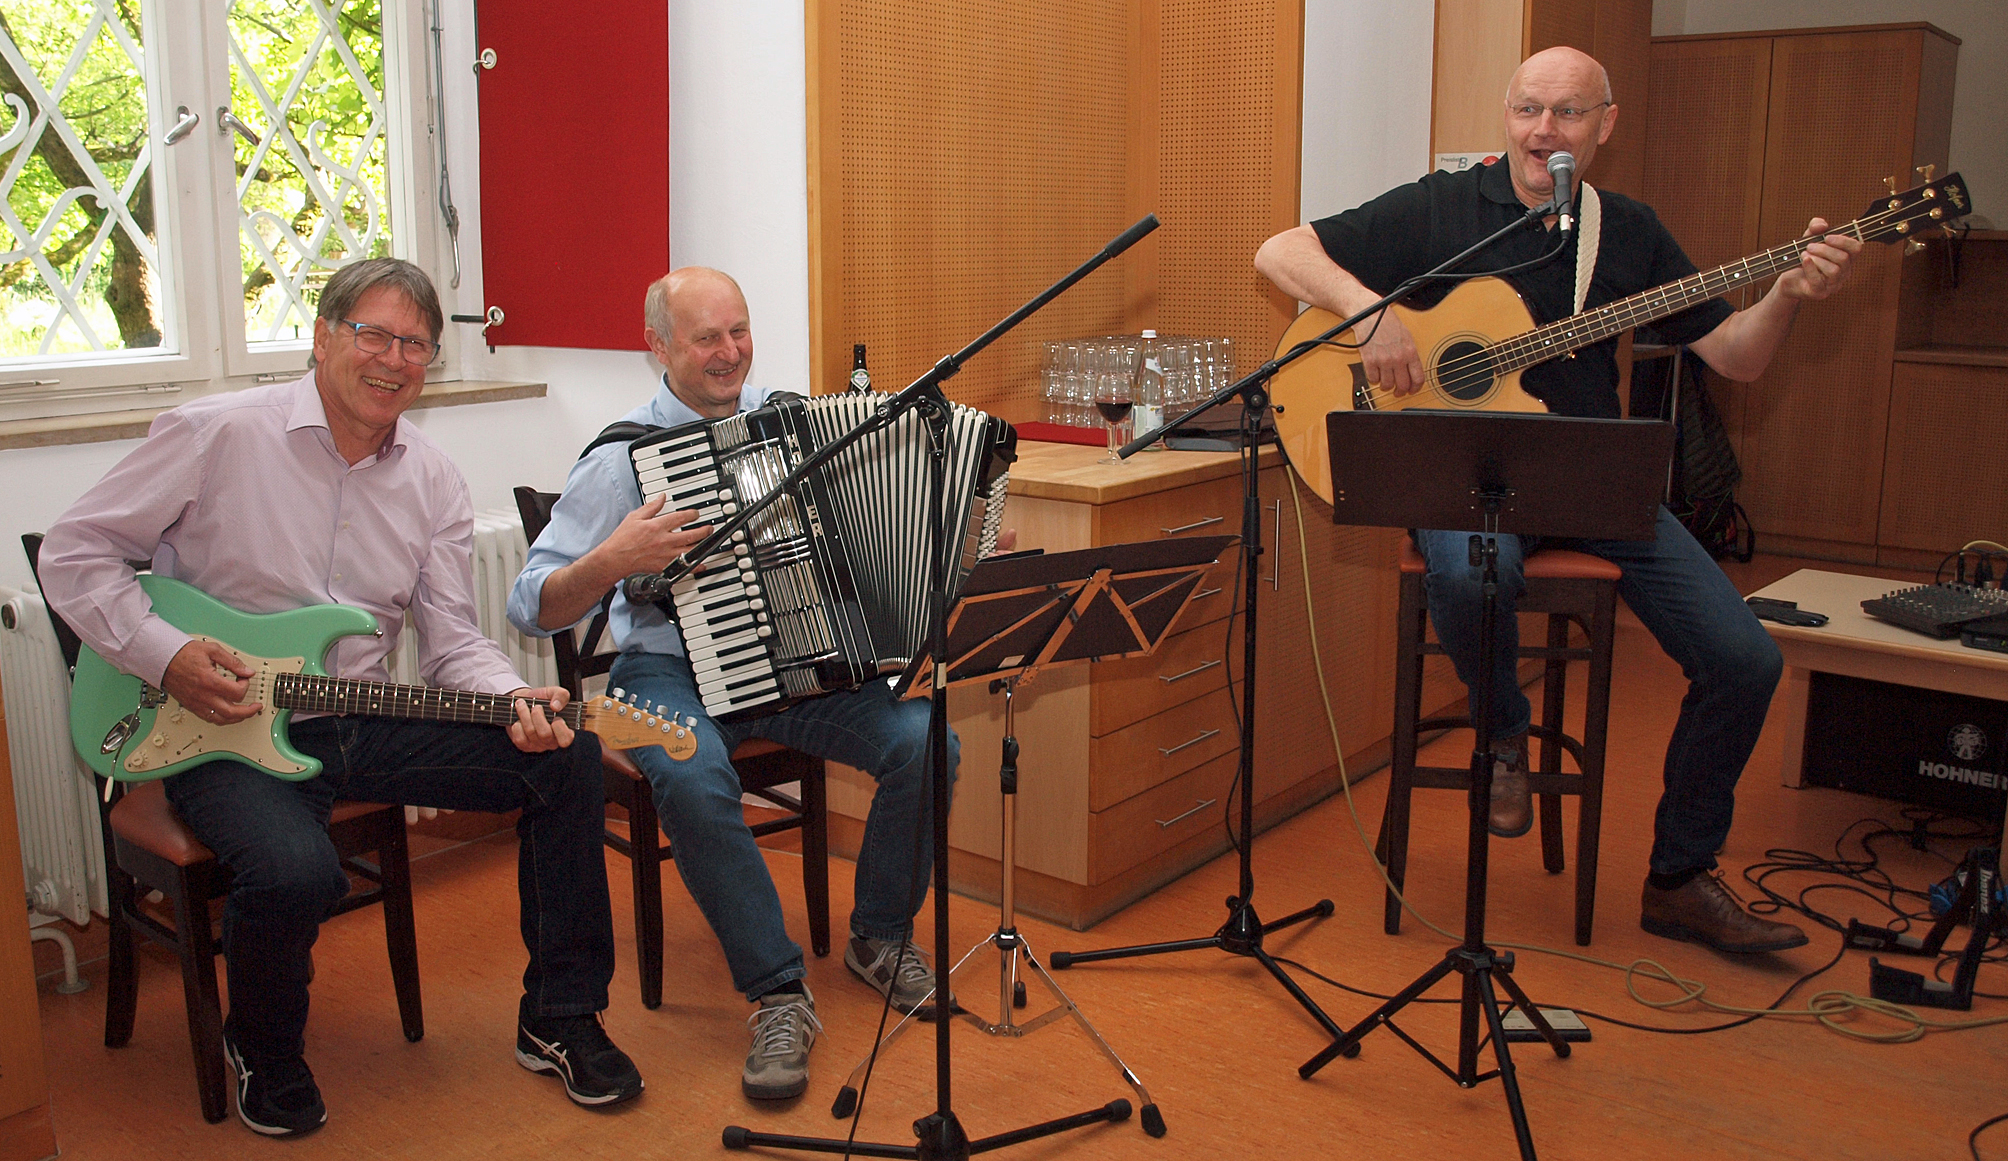 """Im Kloster Ensdorf """"on stage"""": Klaus Götze (Gitarre), Franz Schöberl (Akkordeon) und Jürgen Zach (Bass und Gesang). Fotos: Hubert Söllner, NT"""